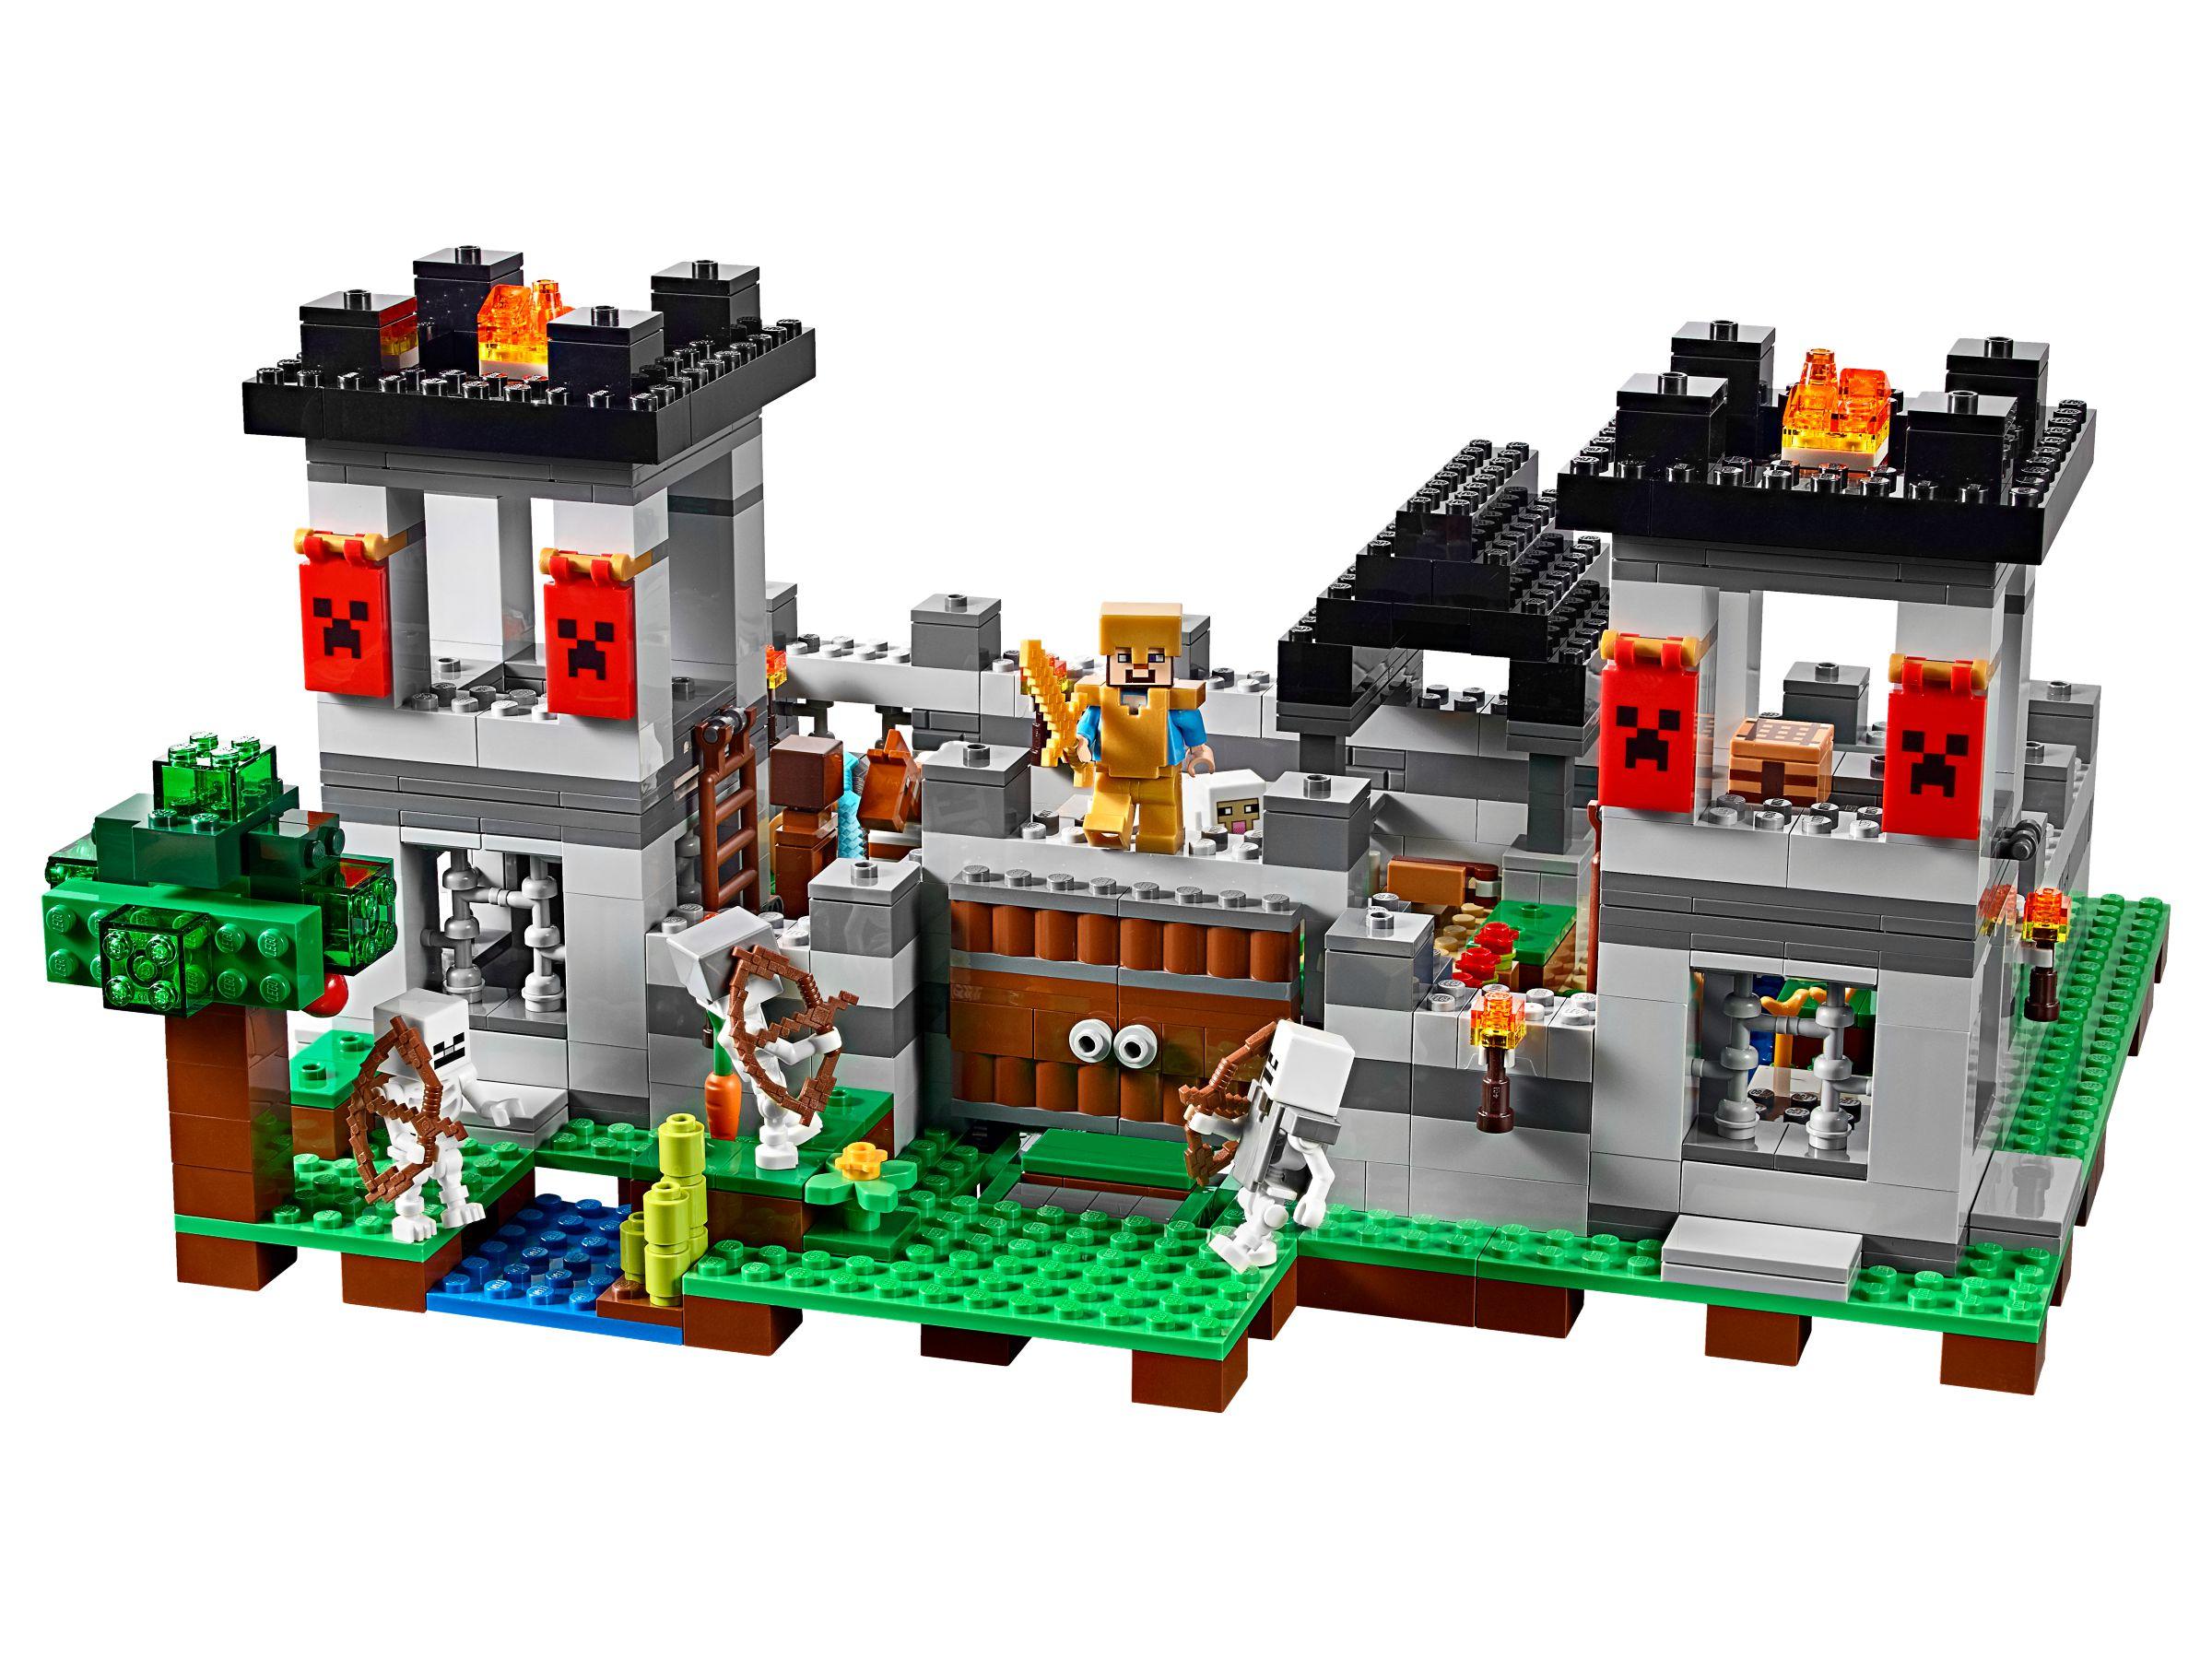 LEGO Minecraft 21127 Die Festung Brickmerge Preisvergleich